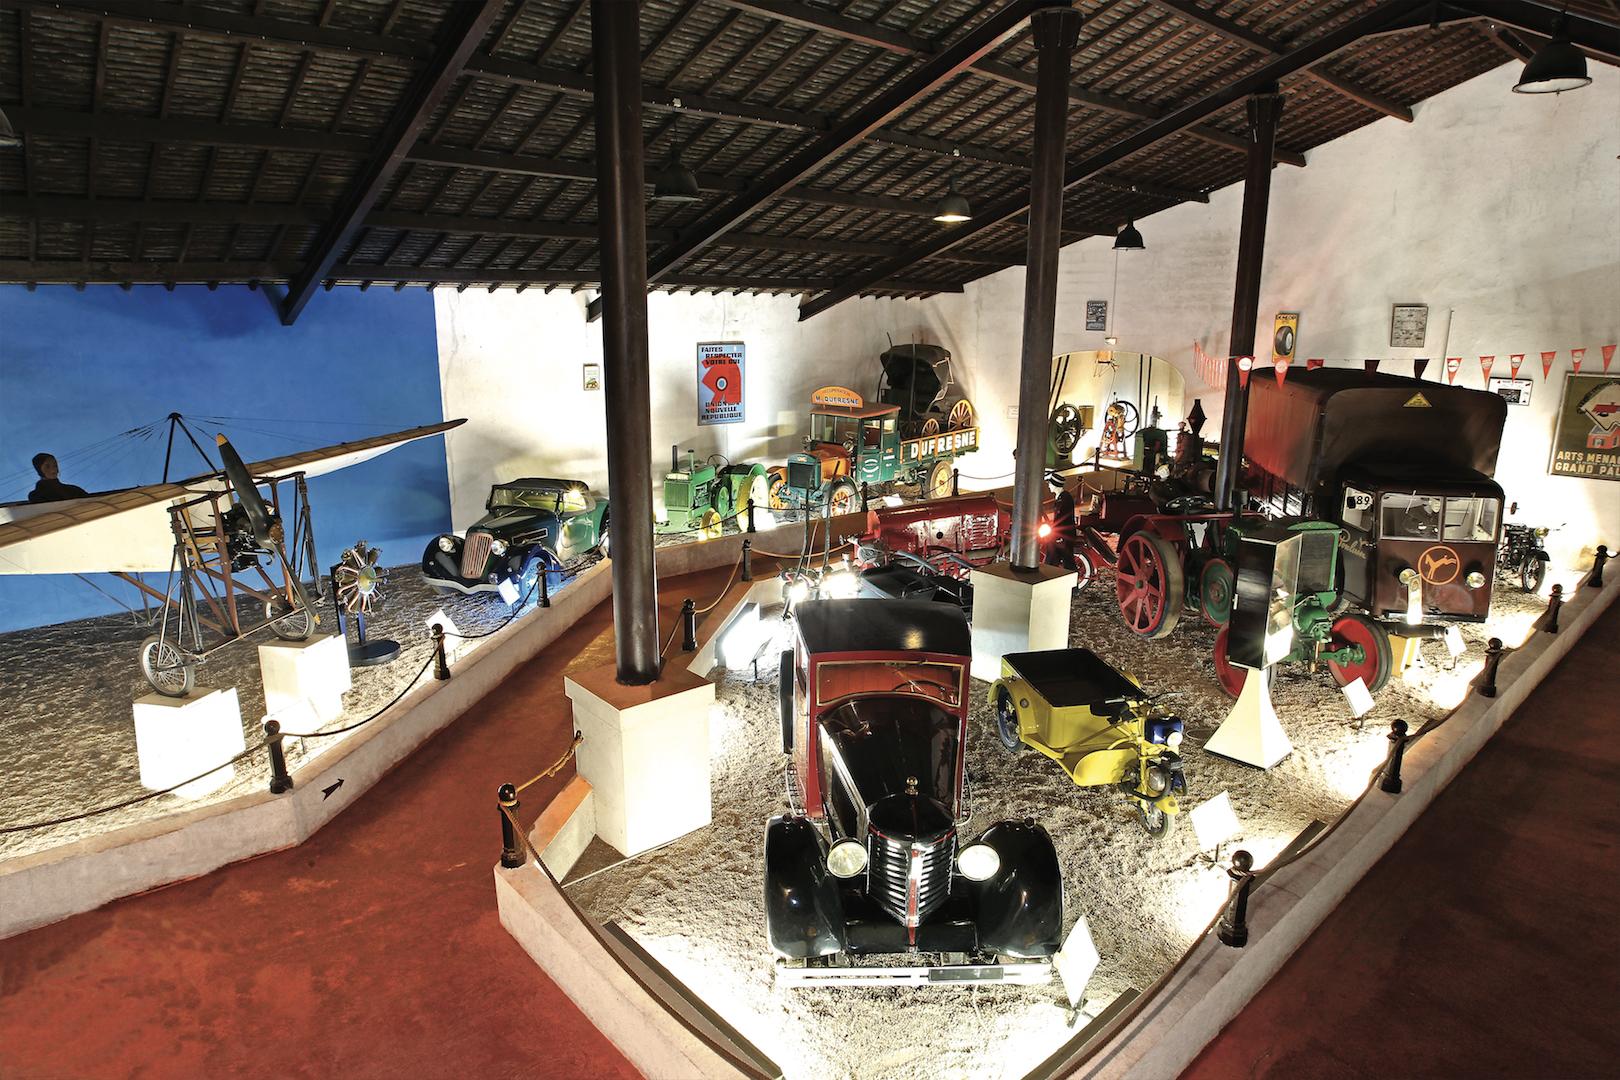 Le musée automobile Maurice Dufresne à Azay-le-Rideau